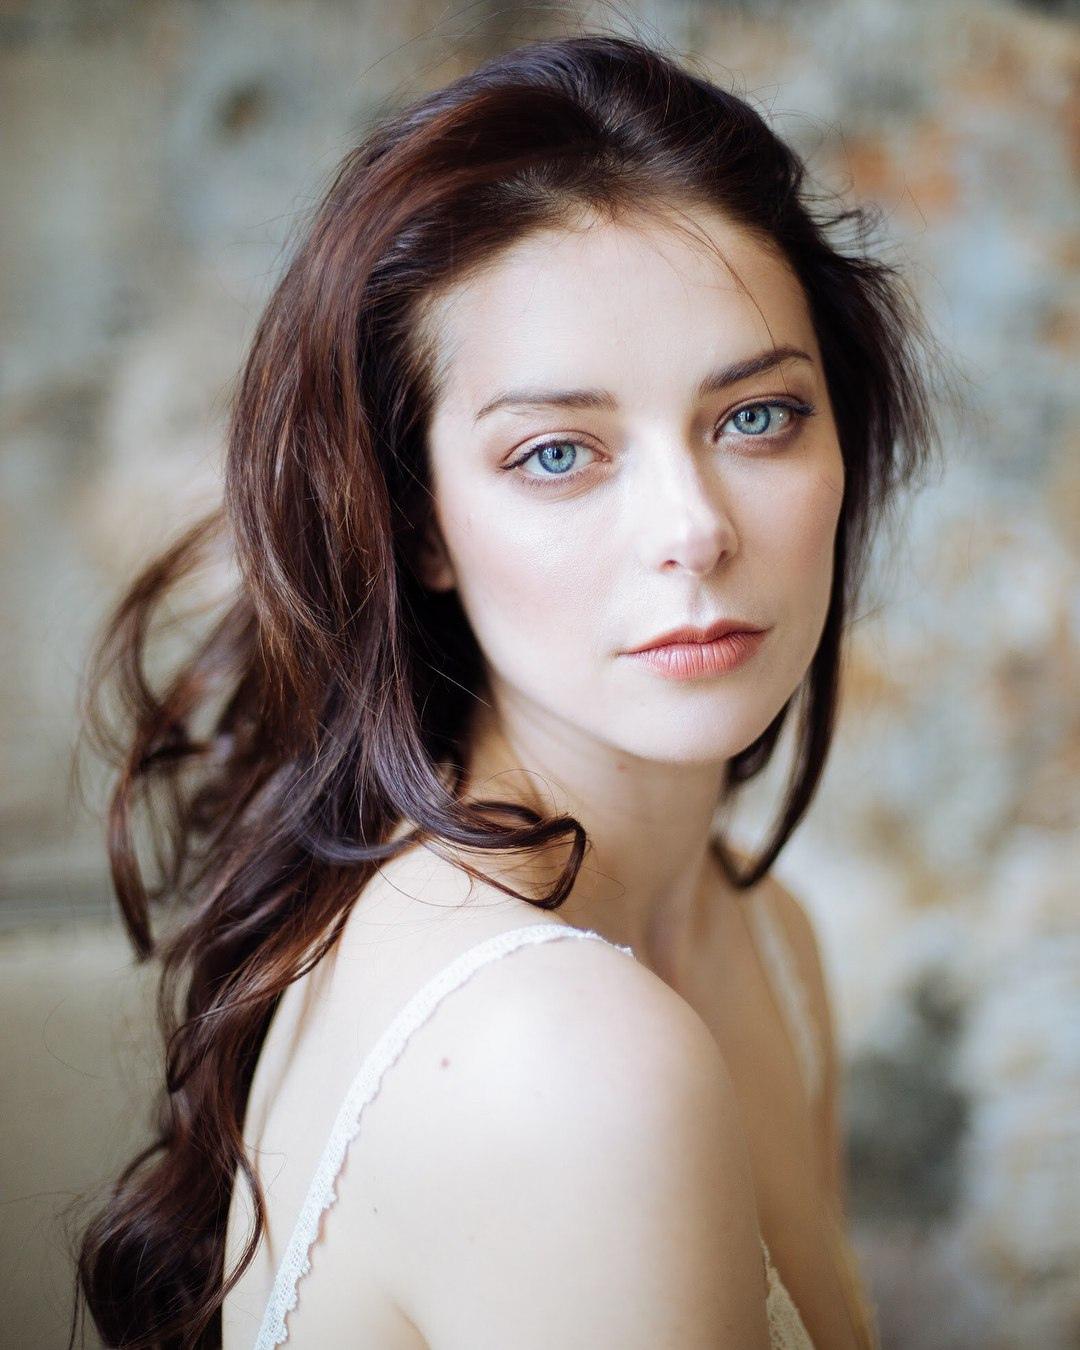 Сегодня день рождения отмечает Александрова Марина Андреевна.